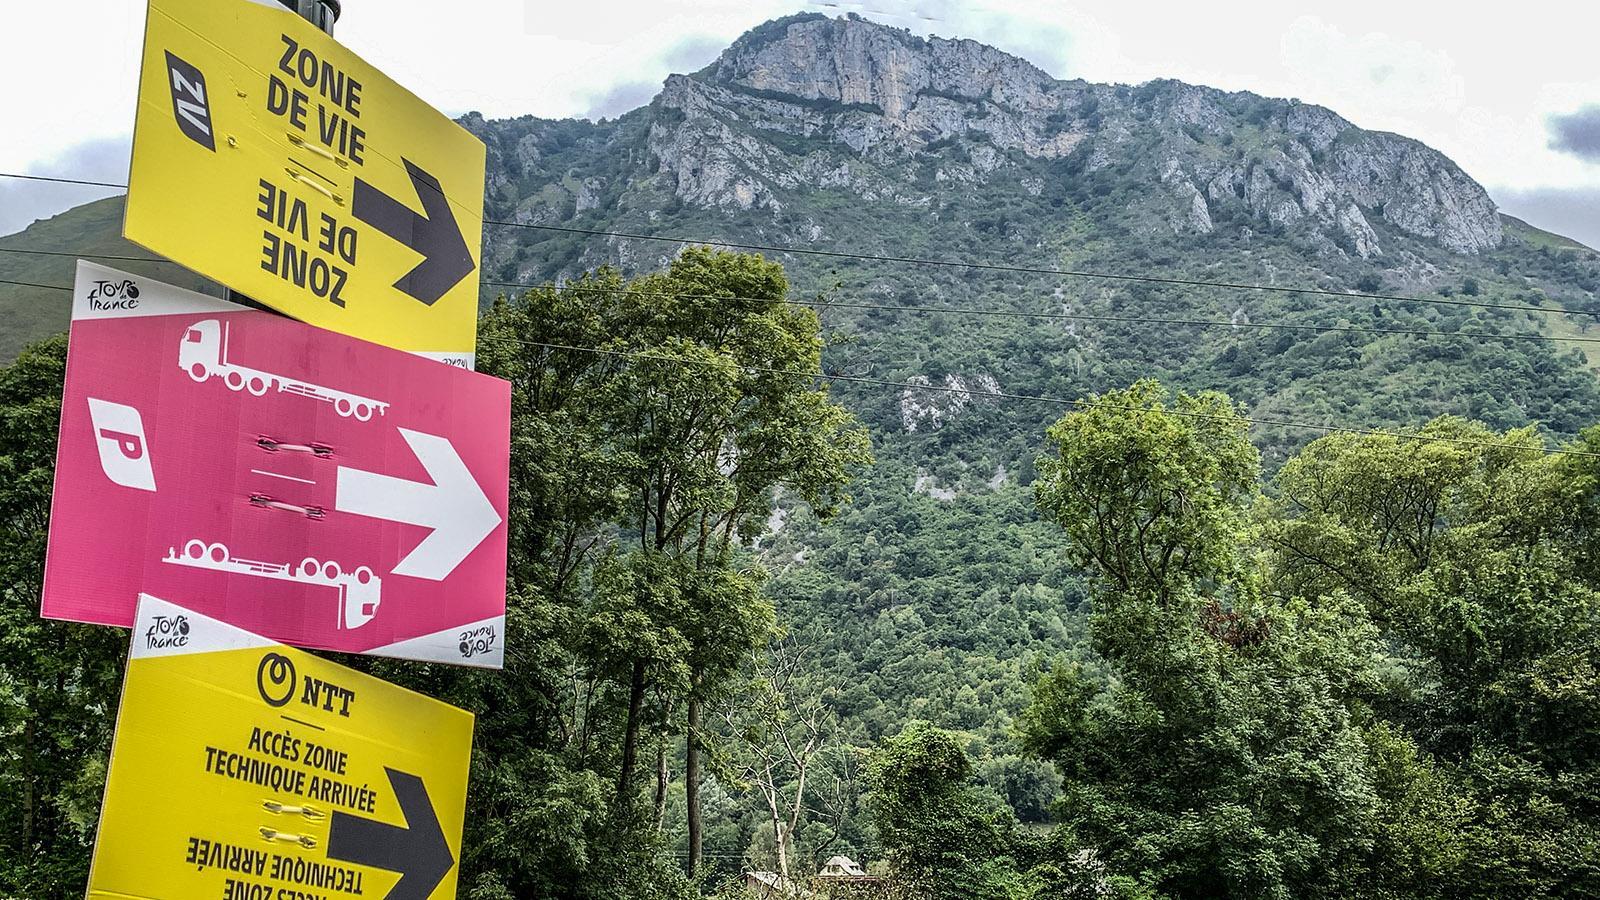 Die Logistik der Tour de France ist beeindruckend – perfekte wie frühzeitige Ausschilderung, Müllcontainer und gut organisierte Aufräumkommandos. Und das bei einer von 4500 auf 3500 geschrumpften Zahl an Mitarbeitern. Foto: Hilke Maunder